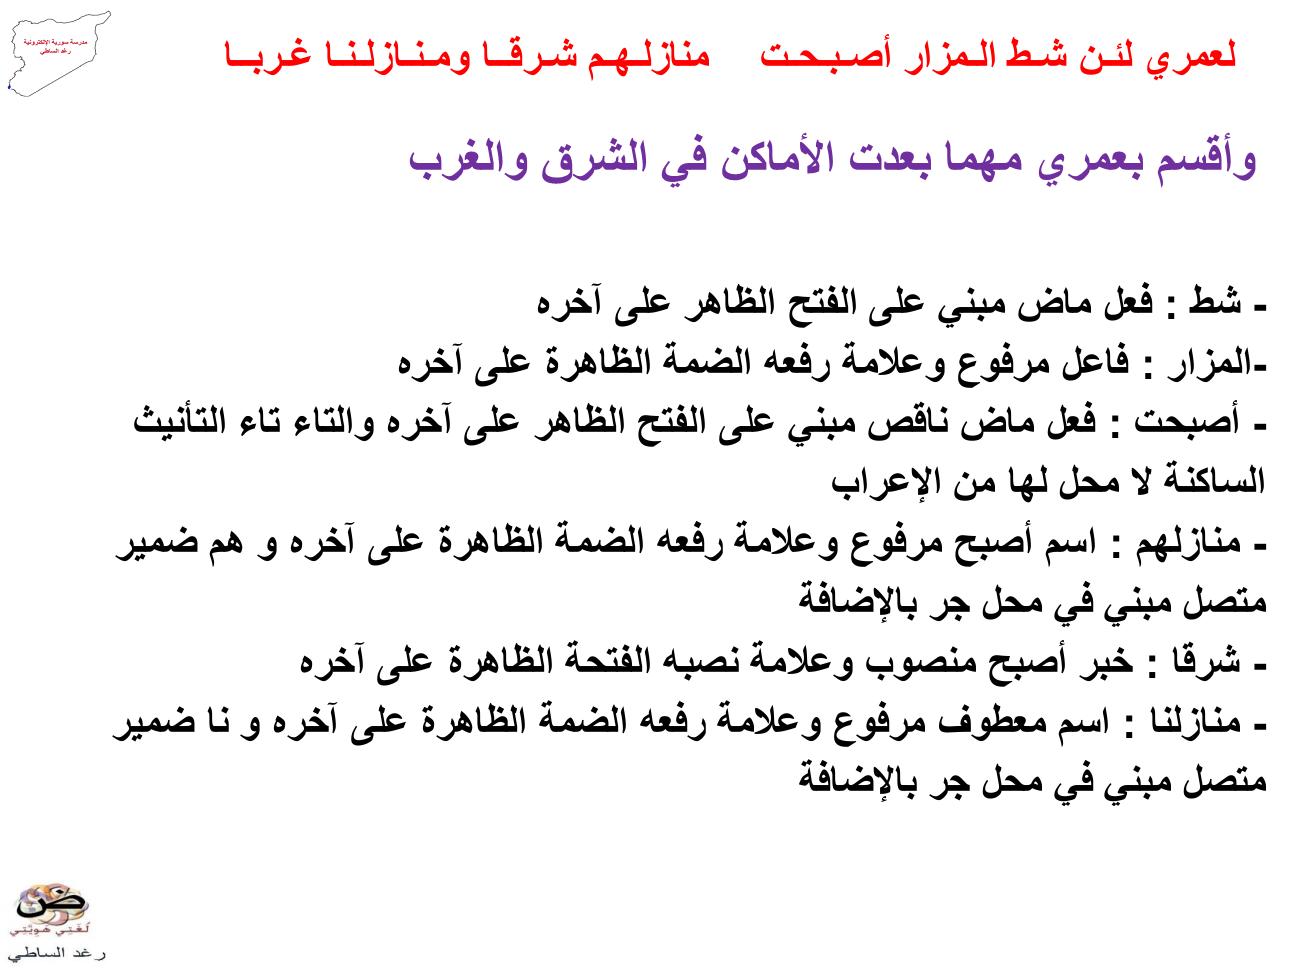 اعراب قصيدة حنين الى الشام للصف الثامن مدونة المناهج السورية